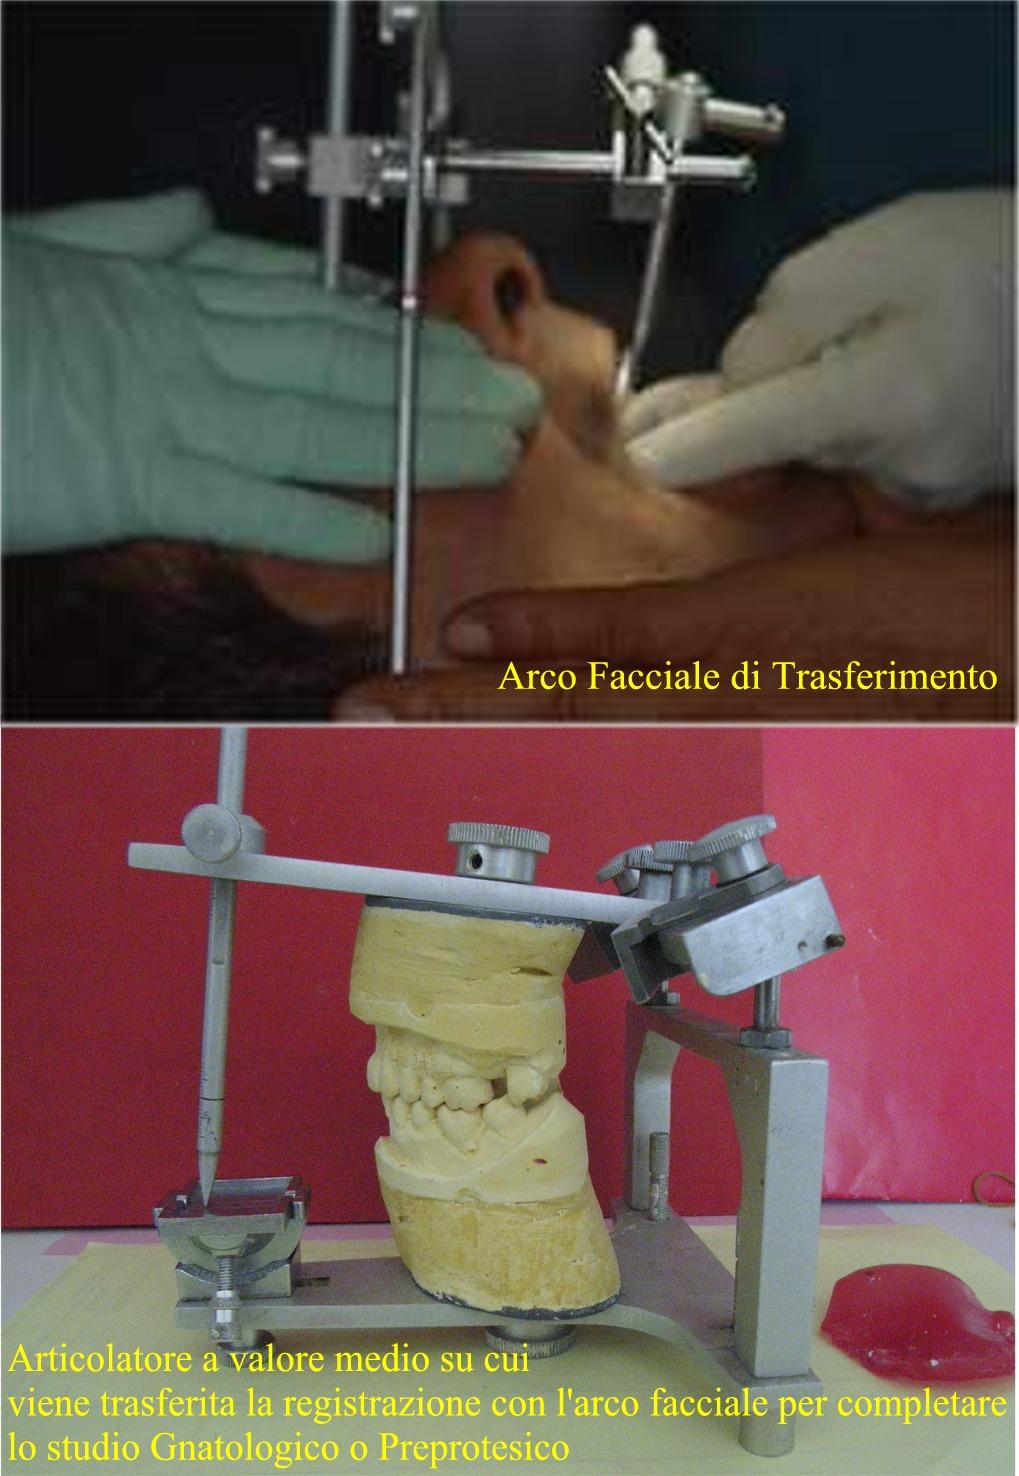 Arco di trasferimento e articolatore a valore medio tra i tanti strumenti per lo studio Gnatologico. Da casistica del Dottor Gustavo Petti Gnatologo Parodontologo di Cagliari